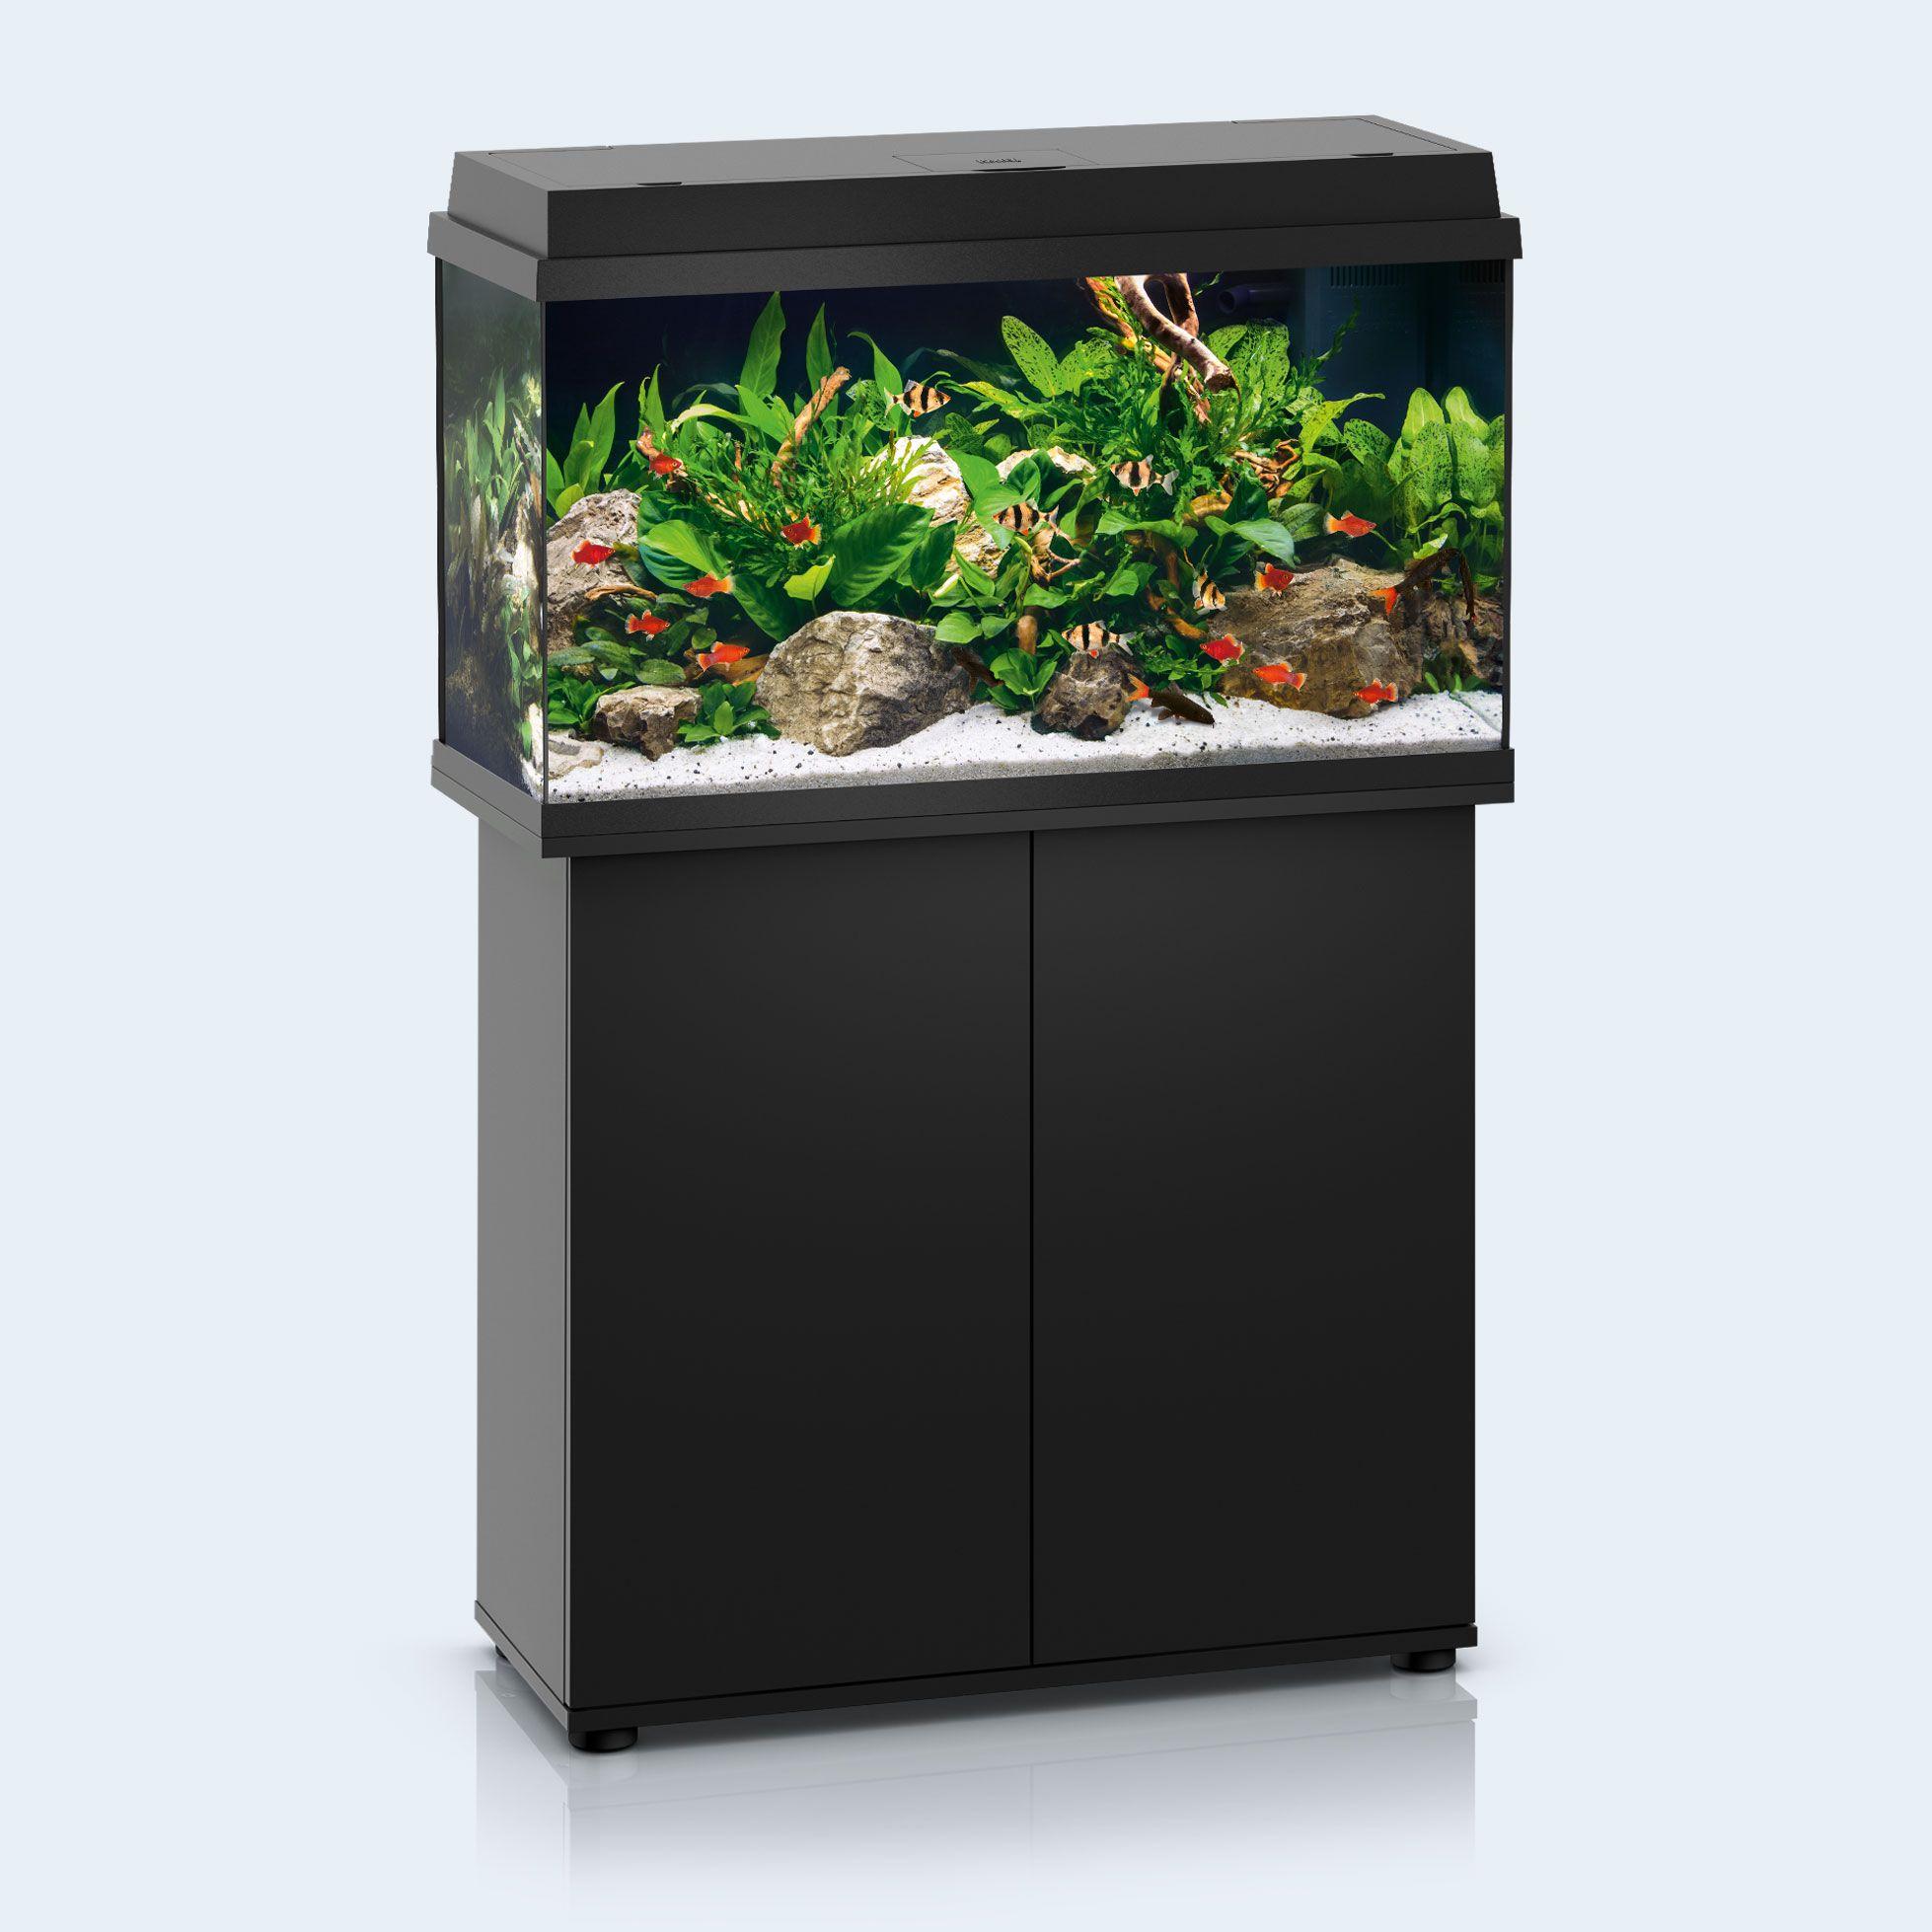 Juwel Ag Primo 110 Led Purchase Online Aquarium Goldfish Bowl